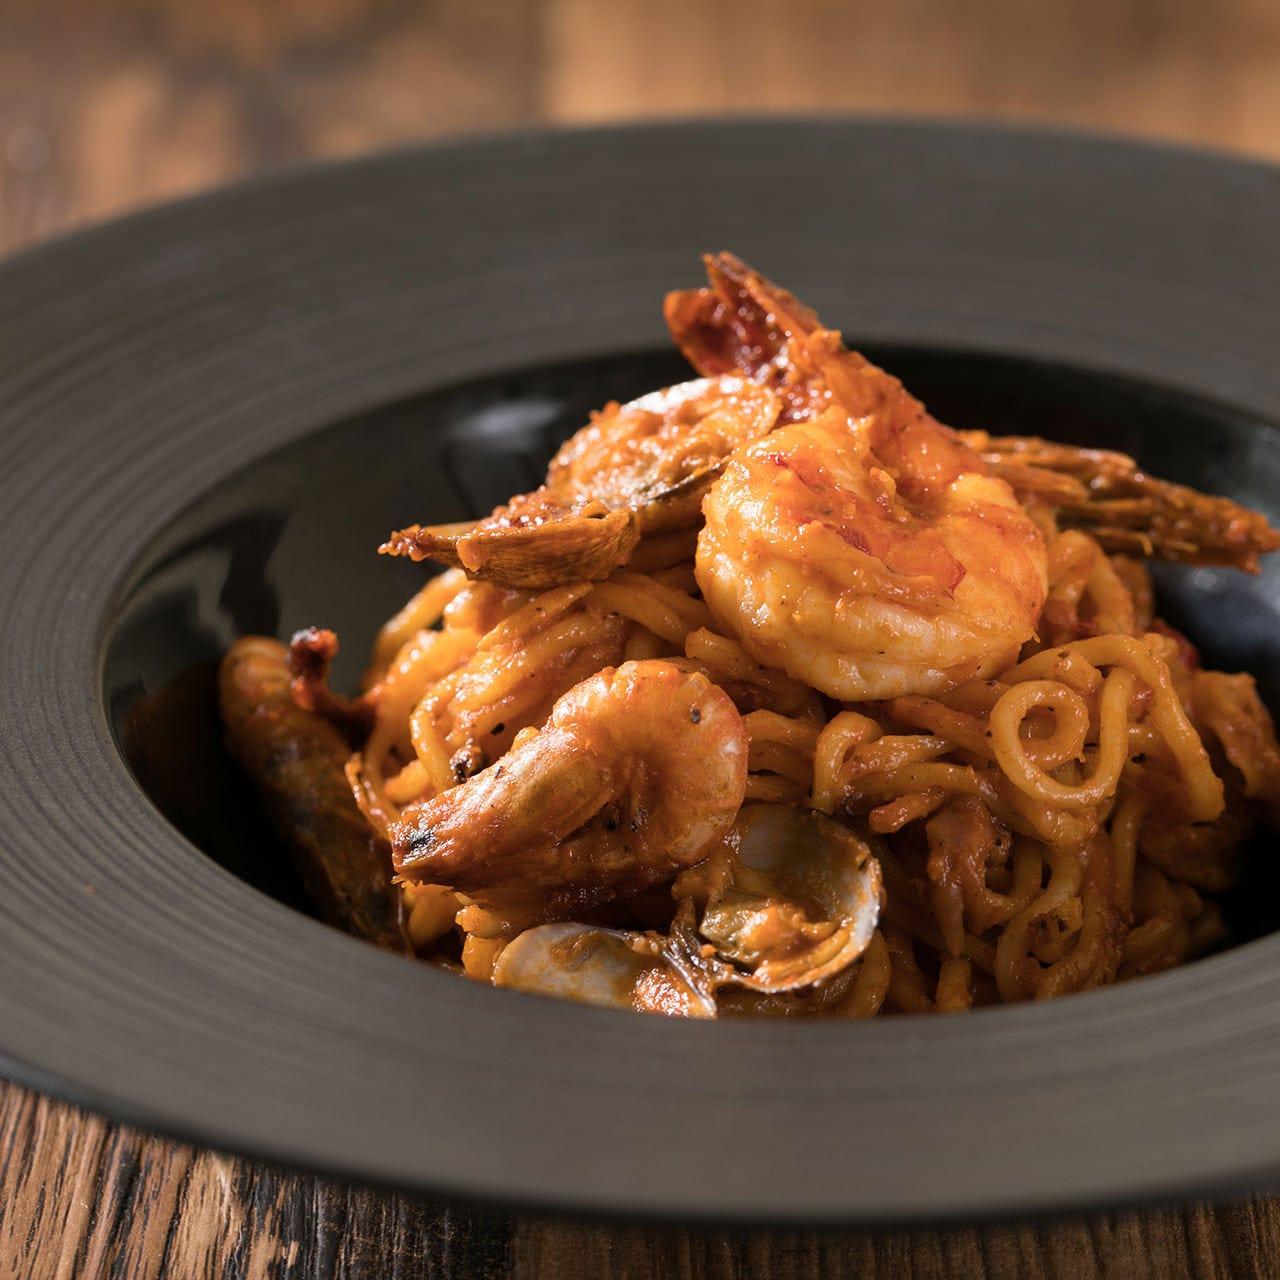 手作り生パスタはもちもちした食感が人気です。